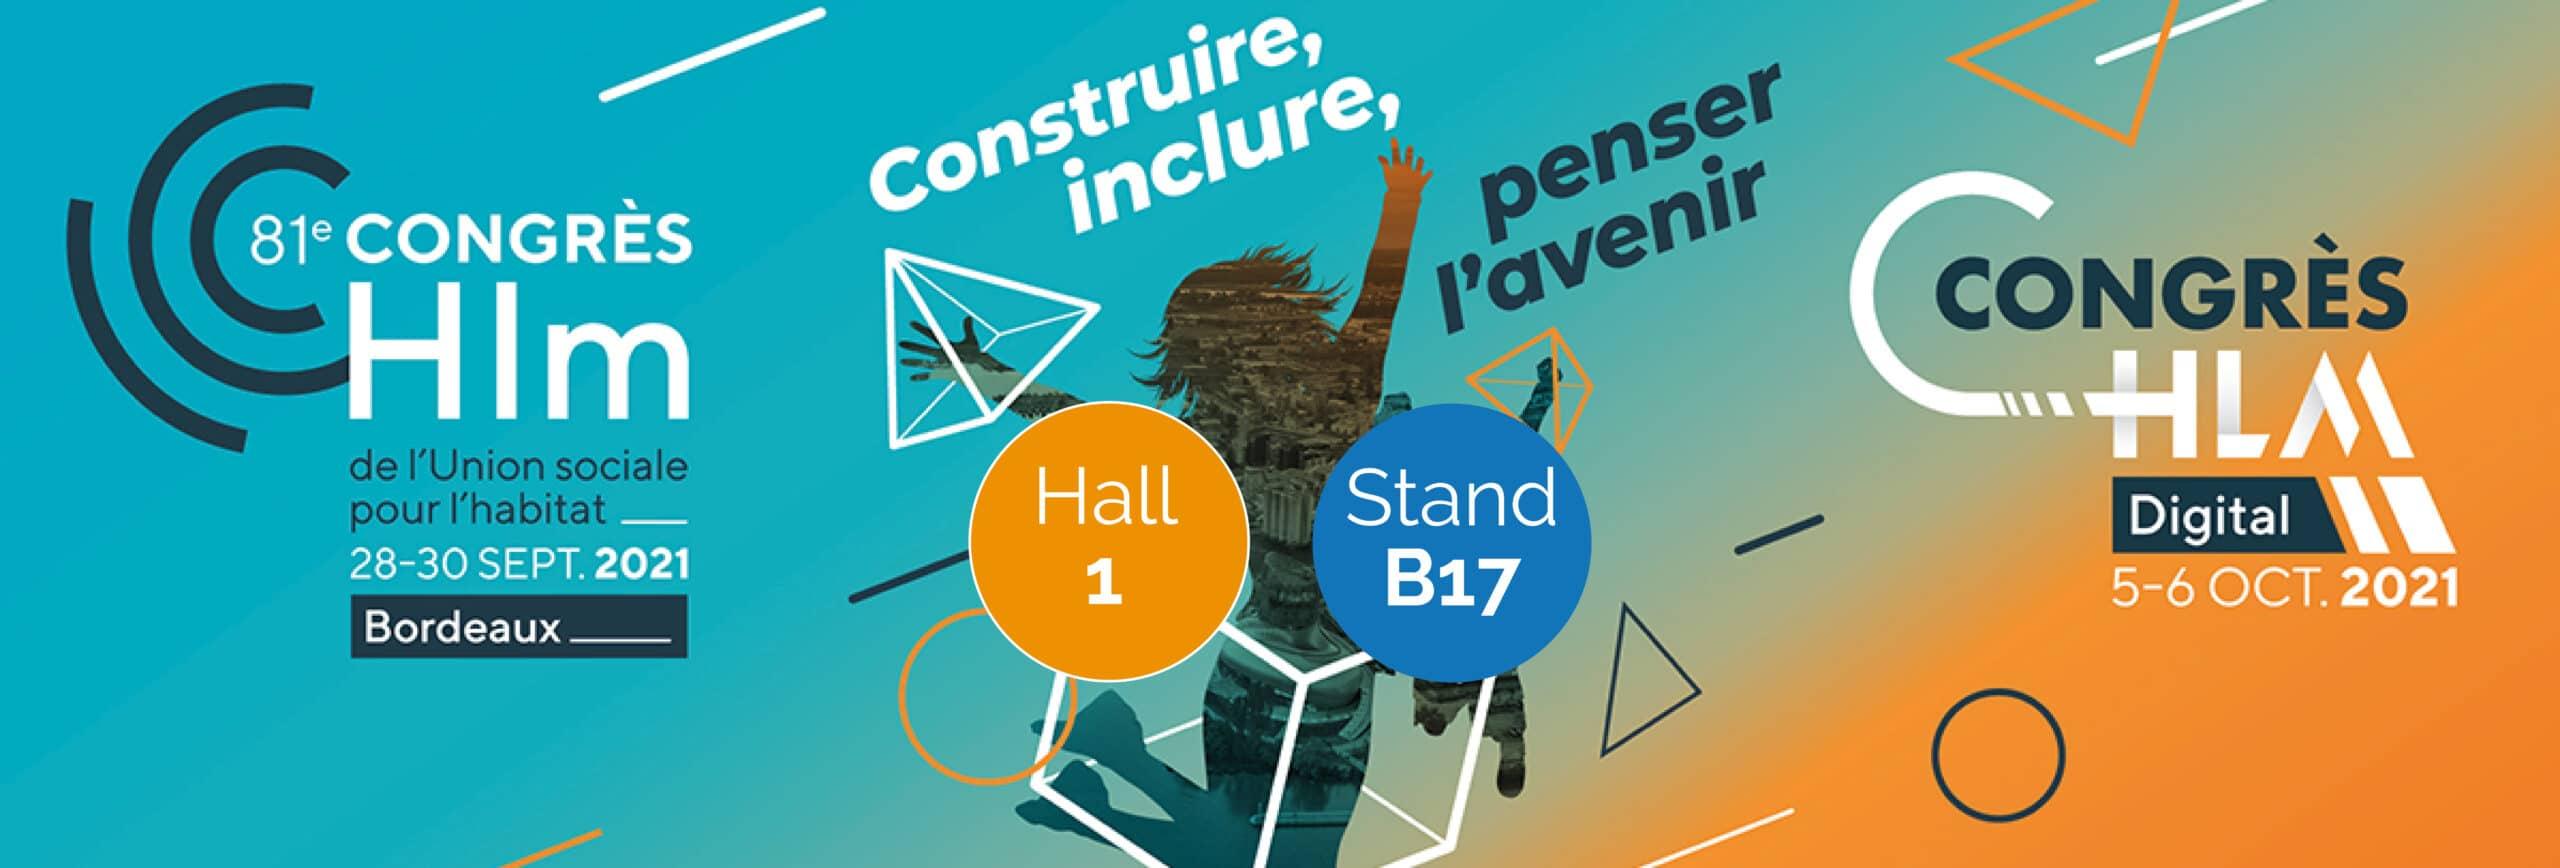 Groupe OCEA Participe au congrès de l'Union Social pour l'Habitat du 28 au 30 septembre 2021 à Bordeaux.